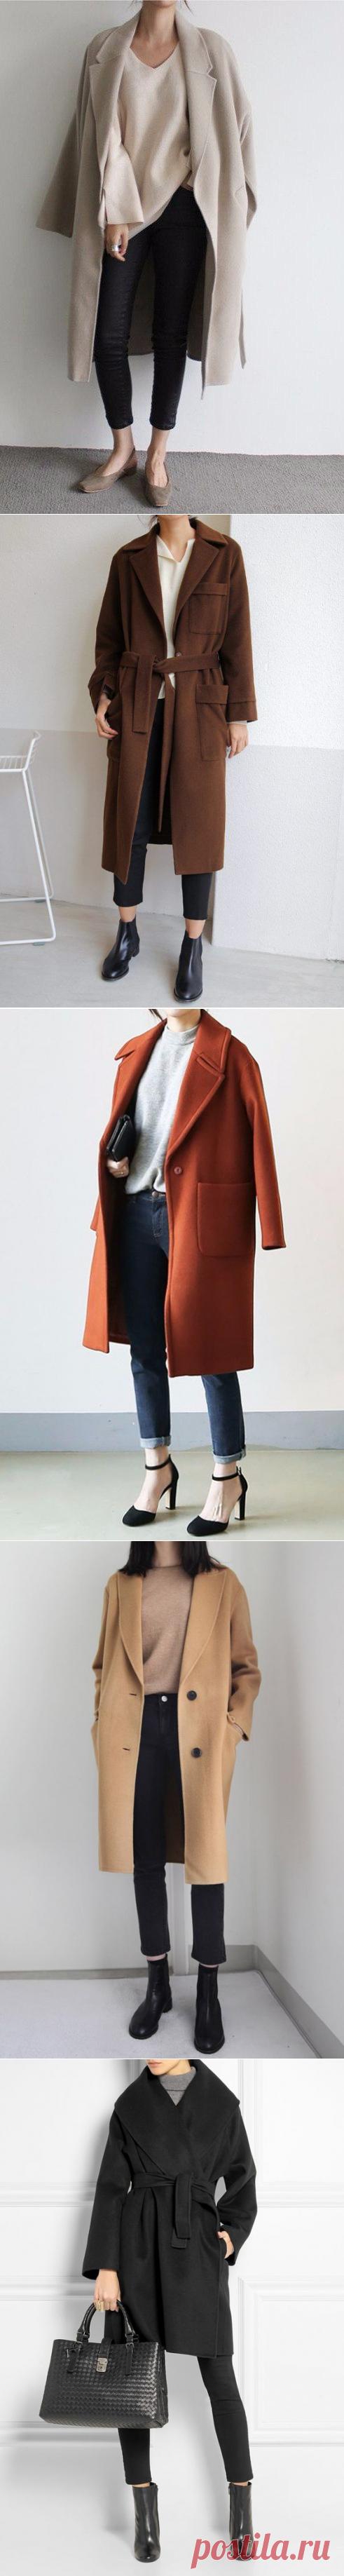 Простое пальто - самое то — Модно / Nemodno